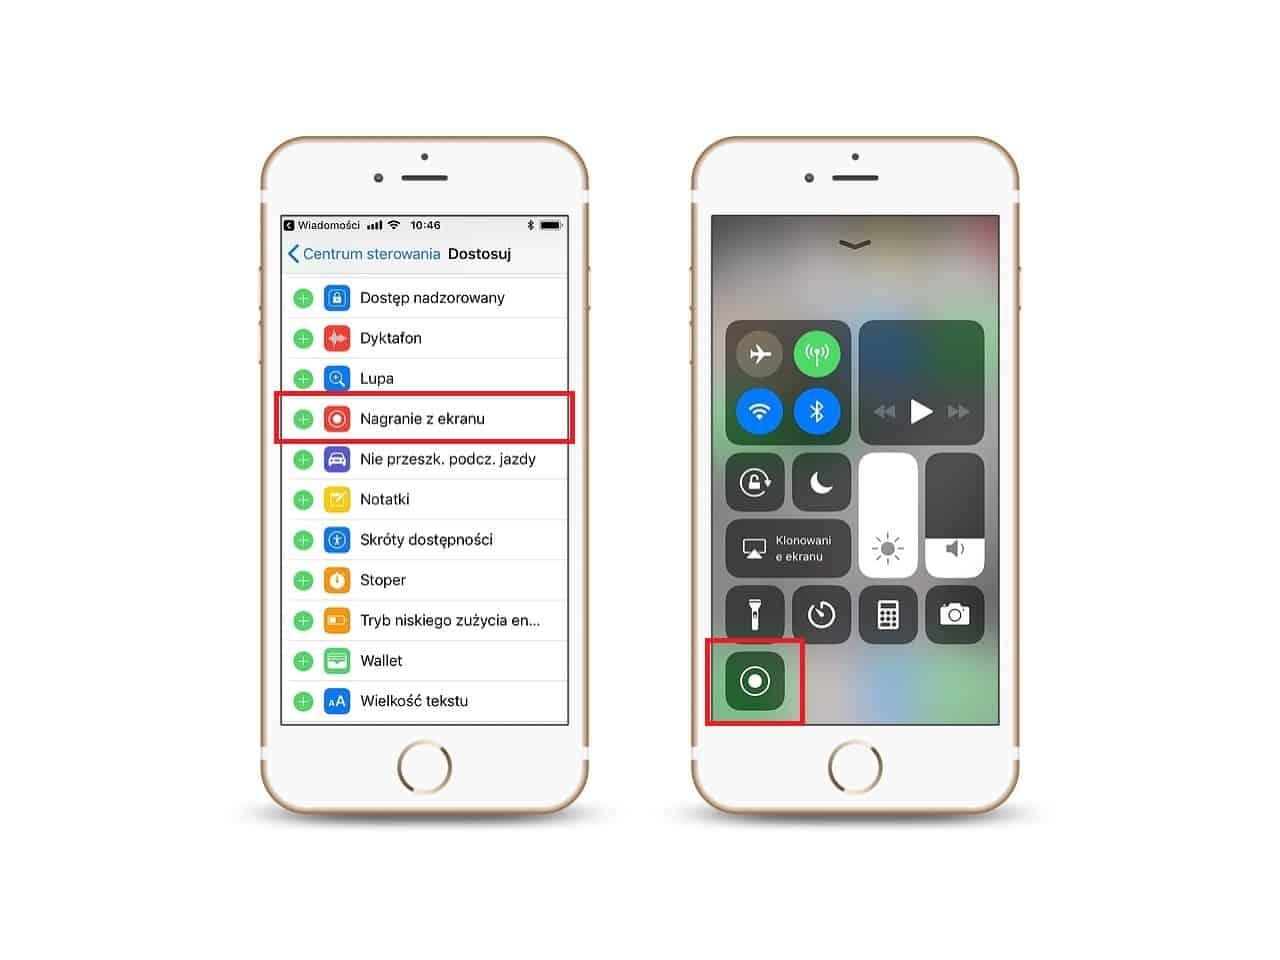 Nagrywanie ekranu. Jedna znajbardziej przydatnych funkcji iOS 11.